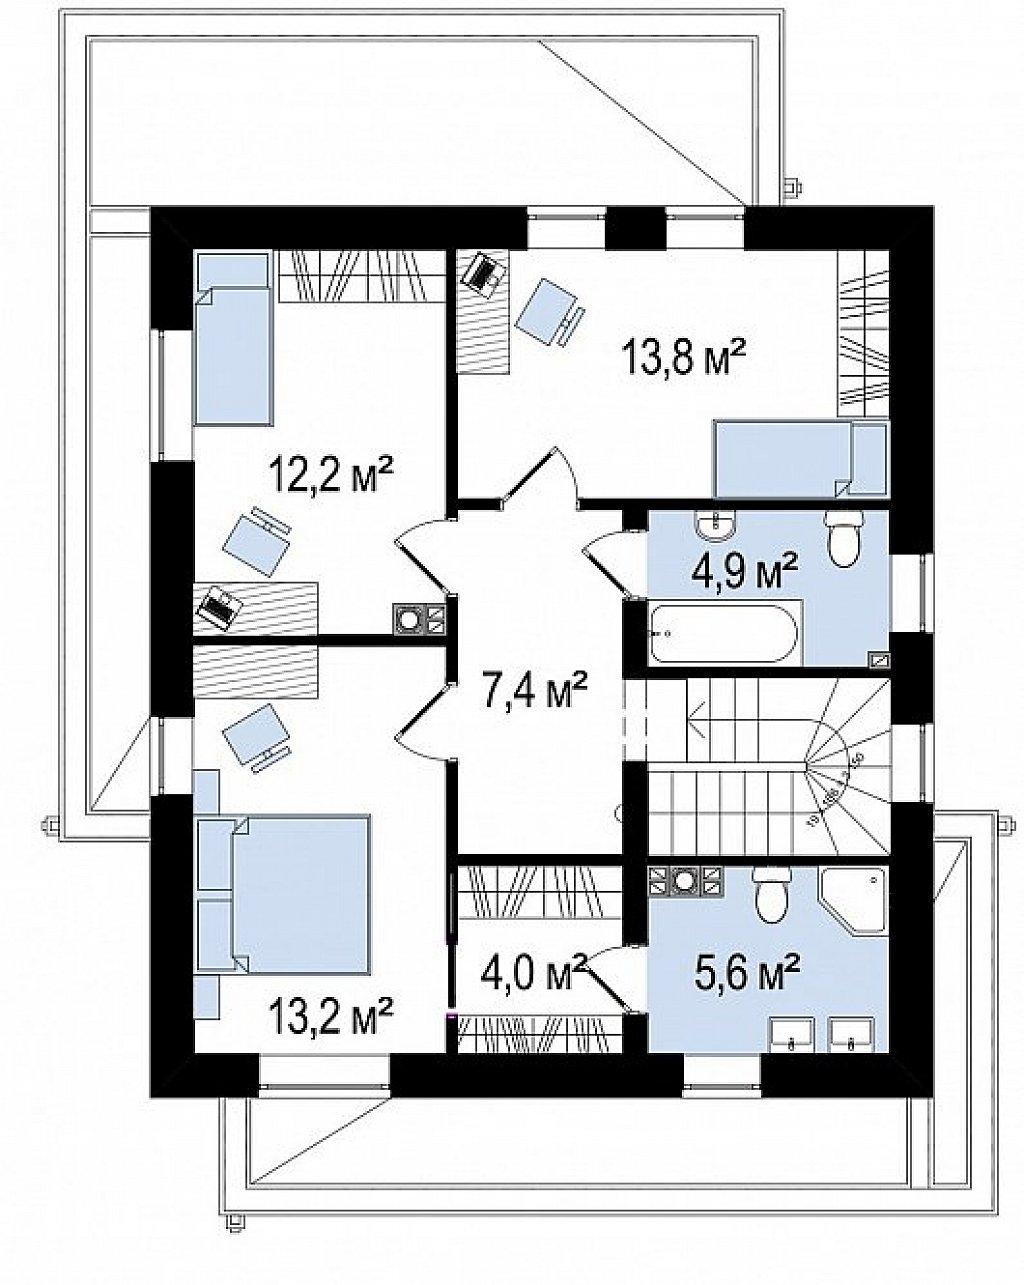 Вариант двухэтажного дома Zx92 с плоской кровлей с плитами перекрытия план помещений 2